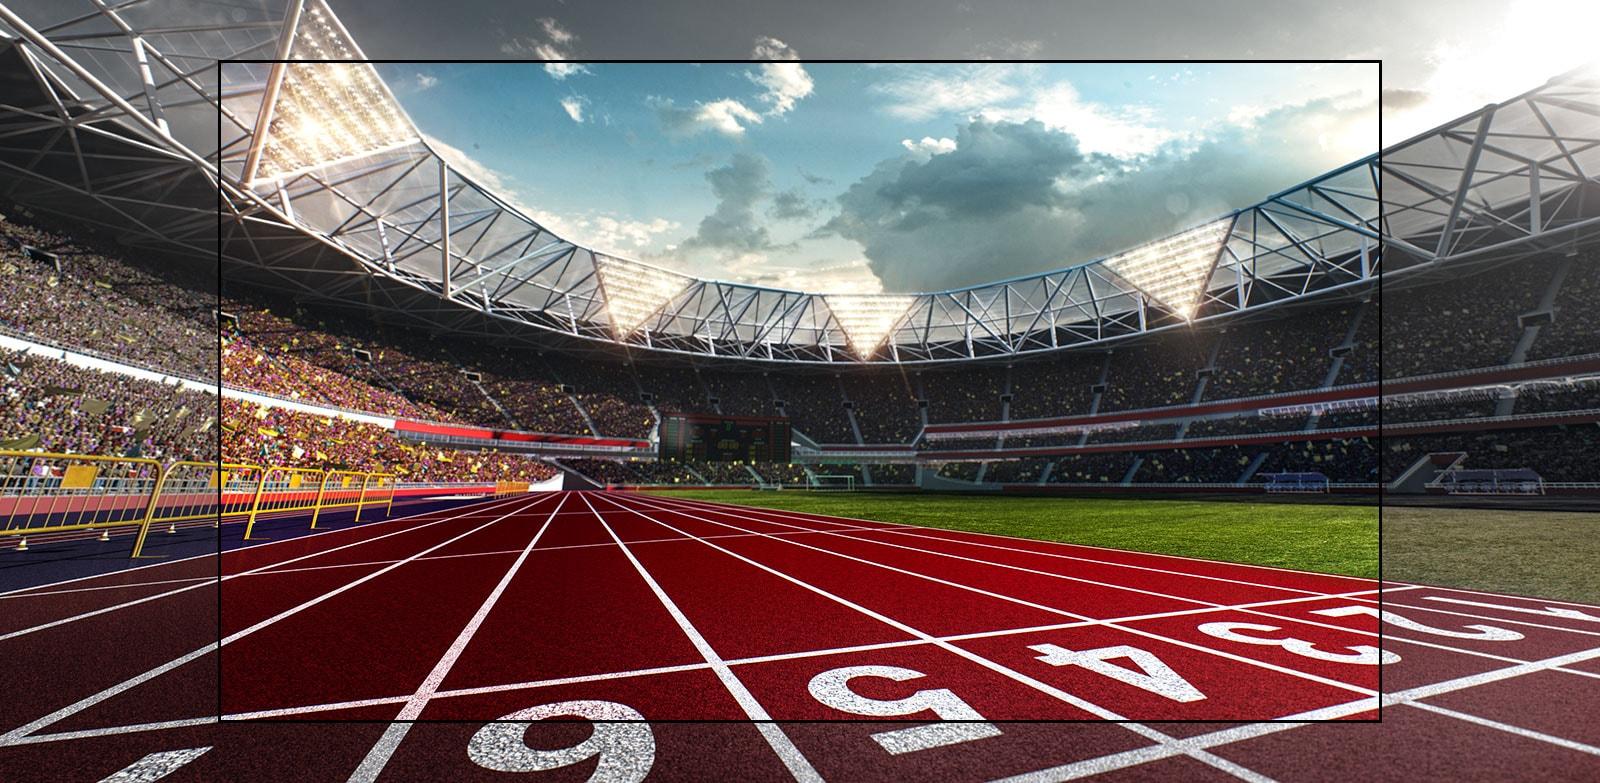 LG 43UN7300PTC Sports Experience